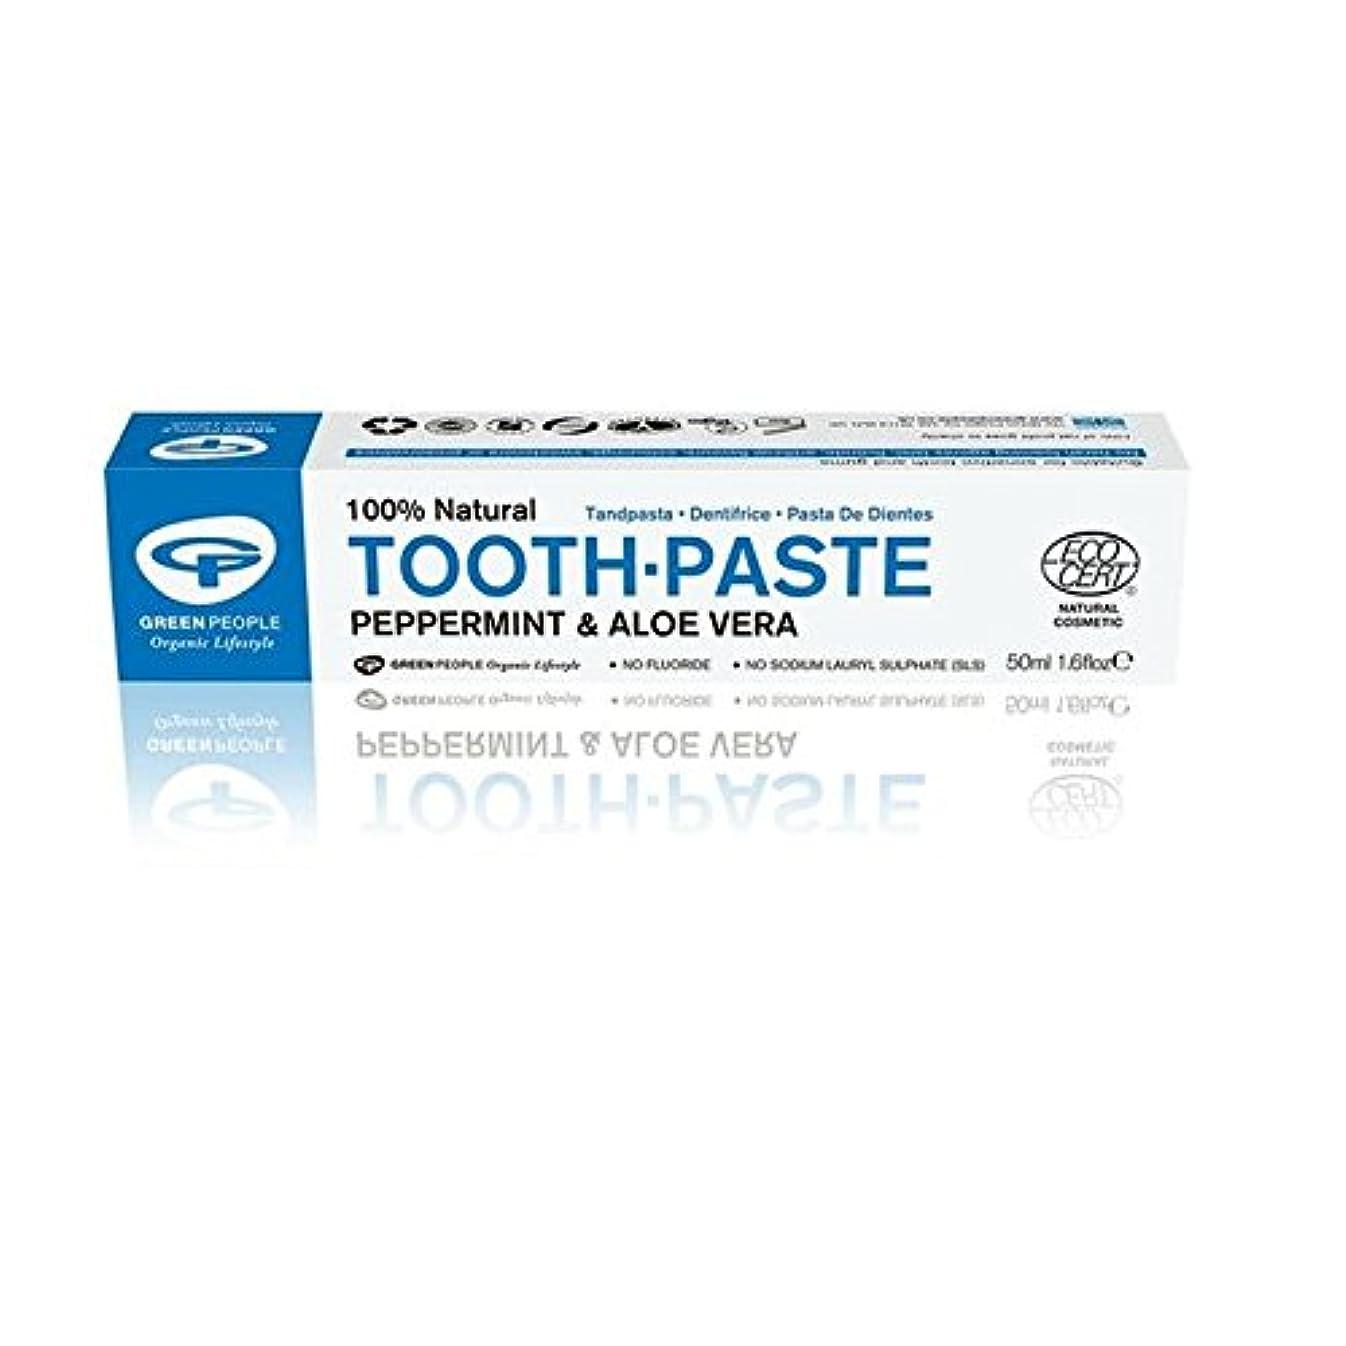 料理スズメバチ昼食緑の人々の自然ミント歯磨き粉50ミリリットル x2 - Green People Natural Mint Toothpaste 50ml (Pack of 2) [並行輸入品]